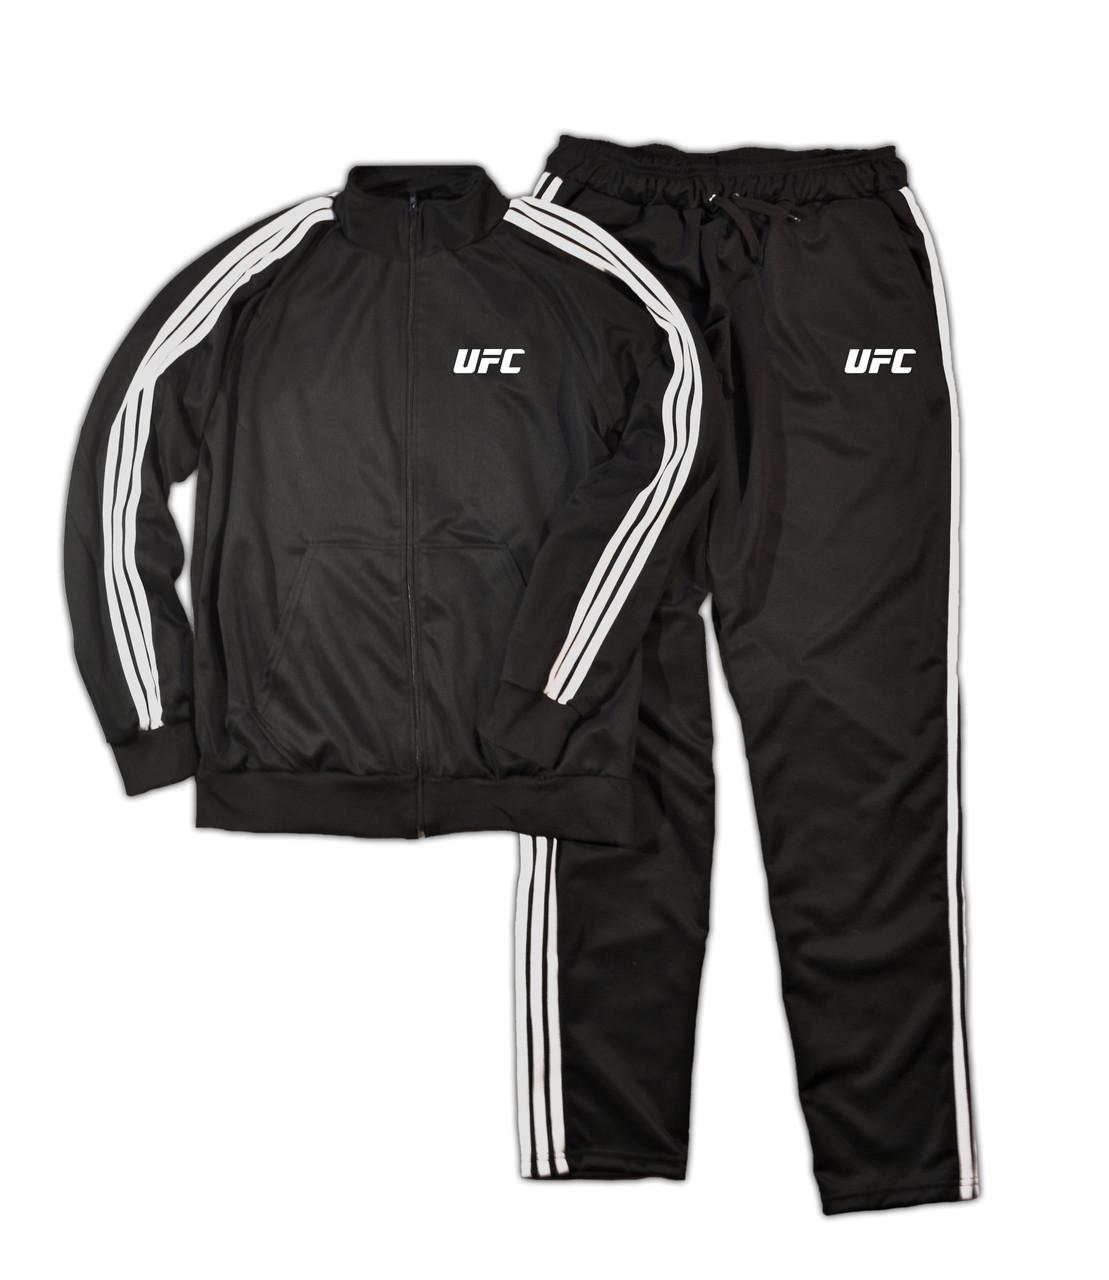 Летний спортивный костюм UFC (ЮФС)